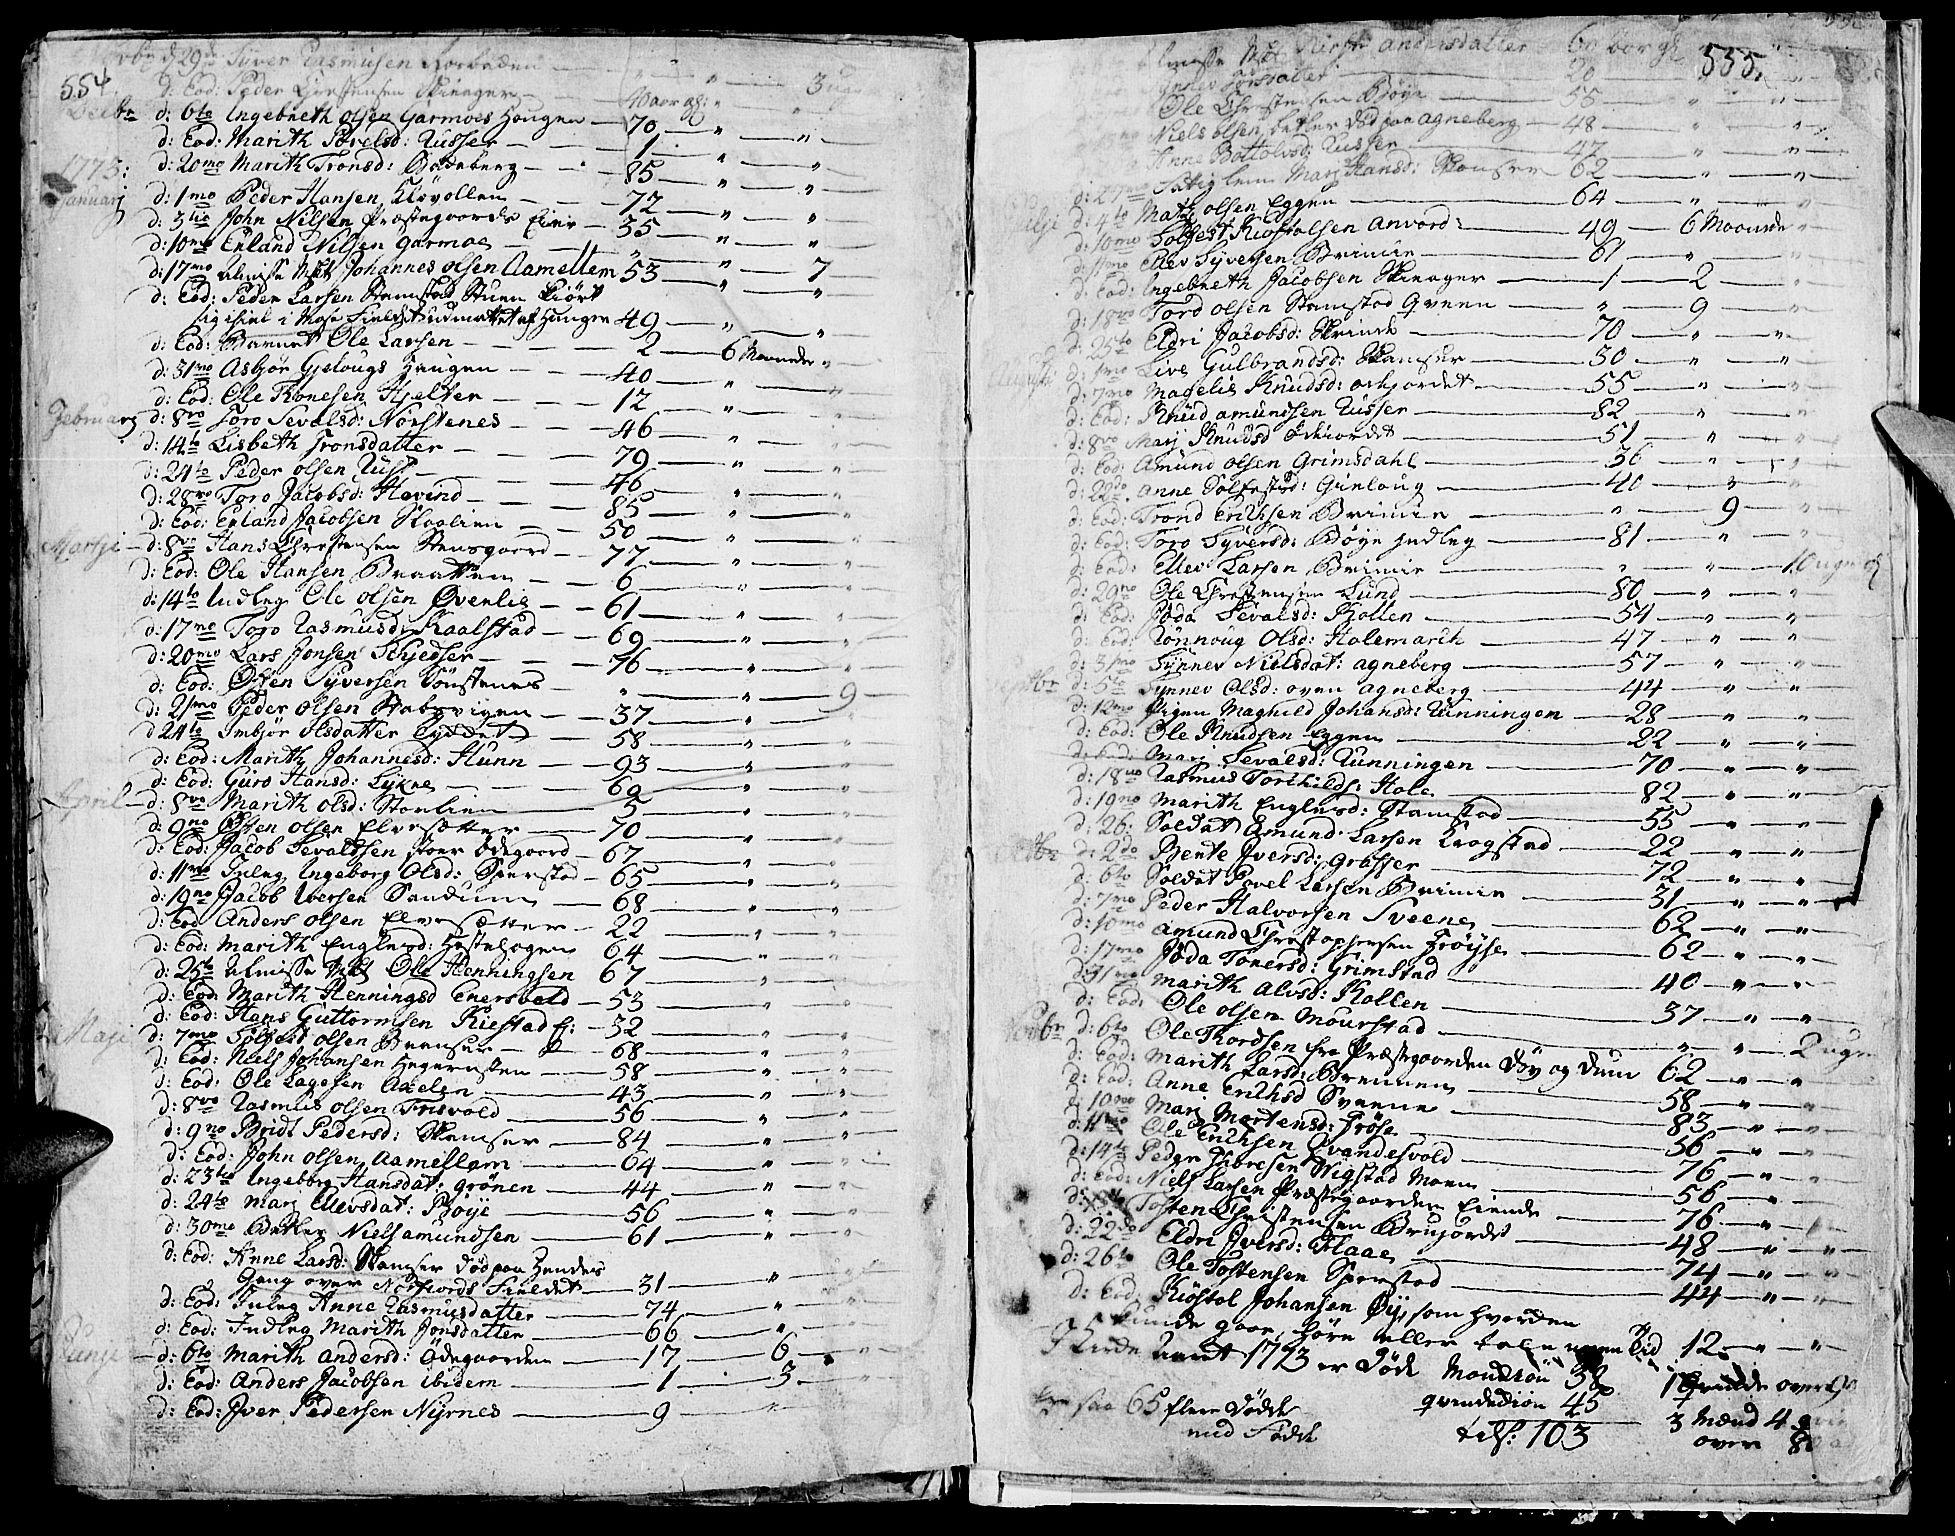 SAH, Lom prestekontor, K/L0002: Ministerialbok nr. 2, 1749-1801, s. 554-555